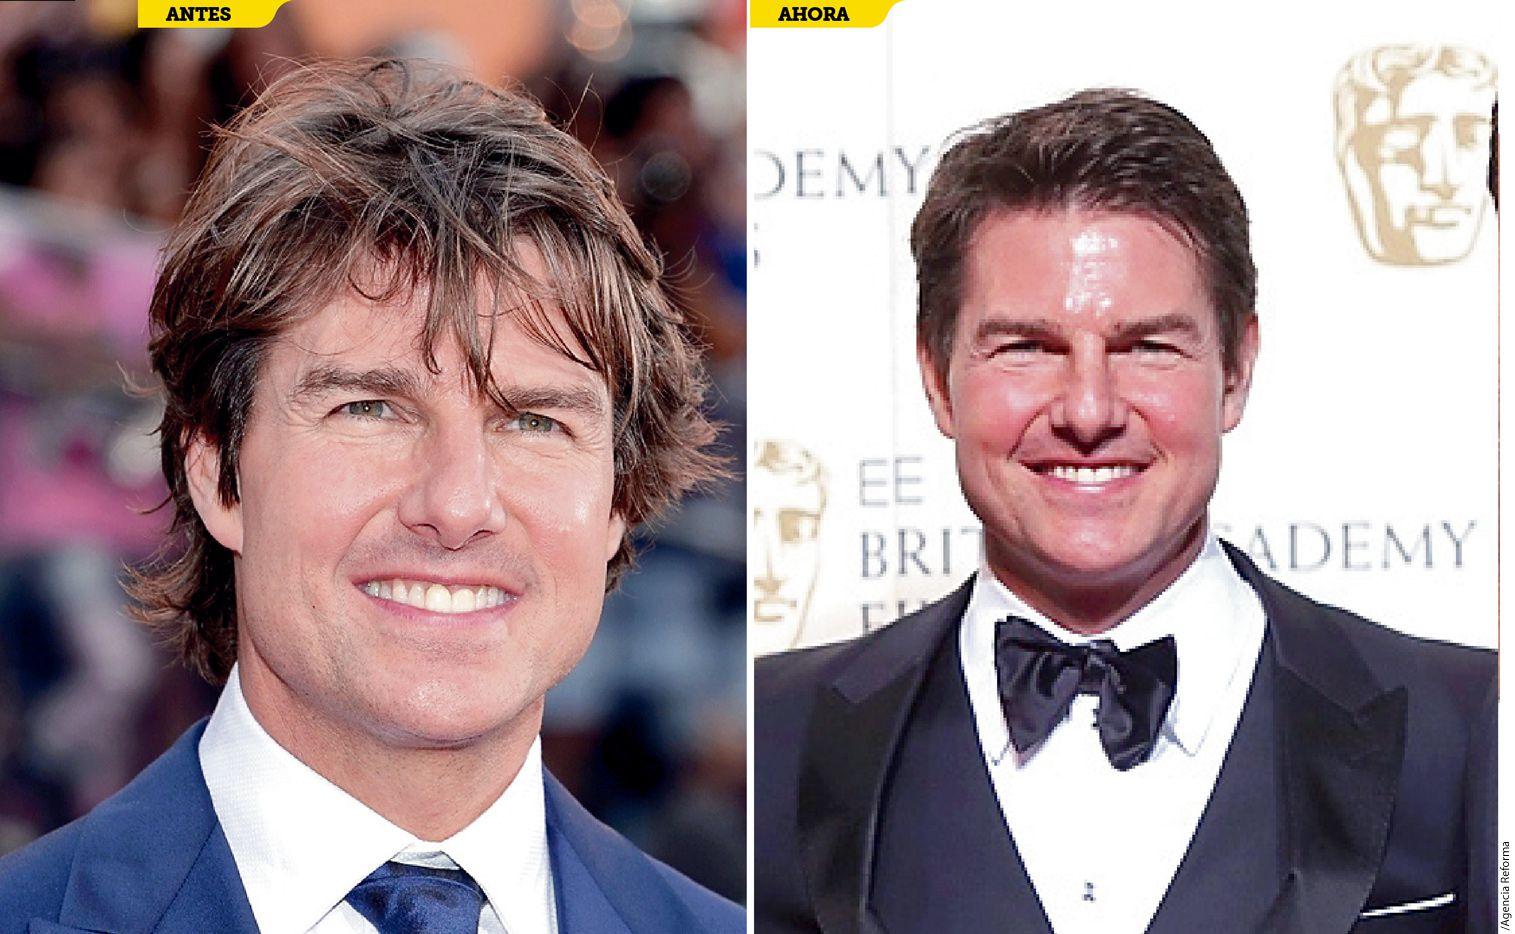 Tom Cruise acudió a la entrega de premios para entregar el galardón a Mejor Película al director mexicano Alejandro González Iñárritu./AGENCIA REFORMA